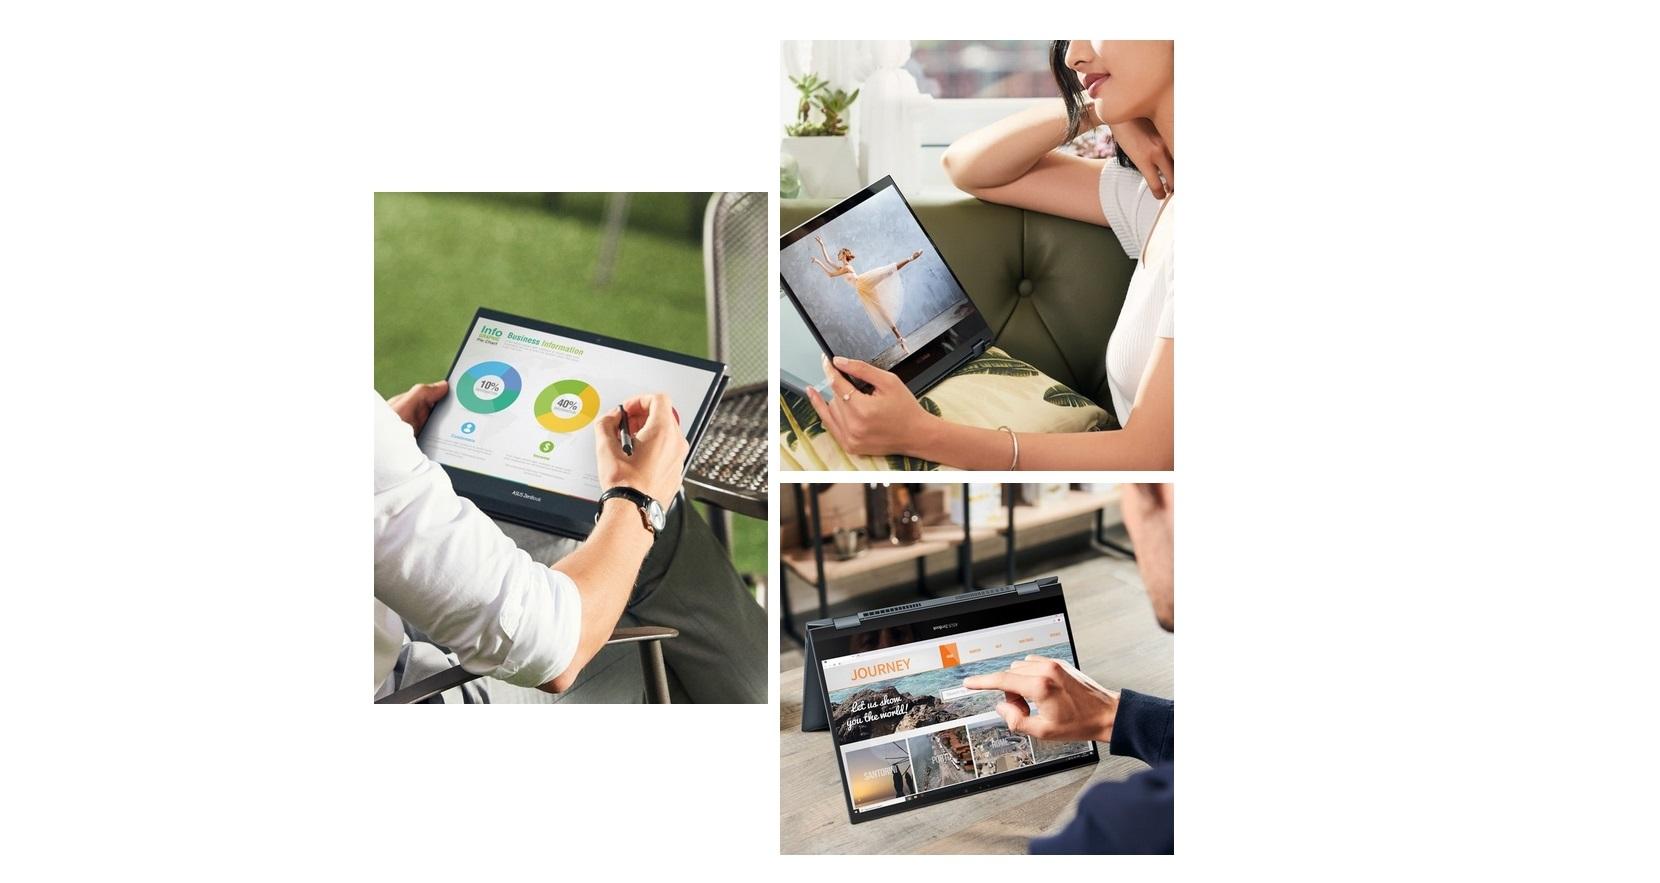 جهاز ASUS ZenBook Flip 13 المحمول يتوفر رسميًا في مصر.. إليك التفاصيل